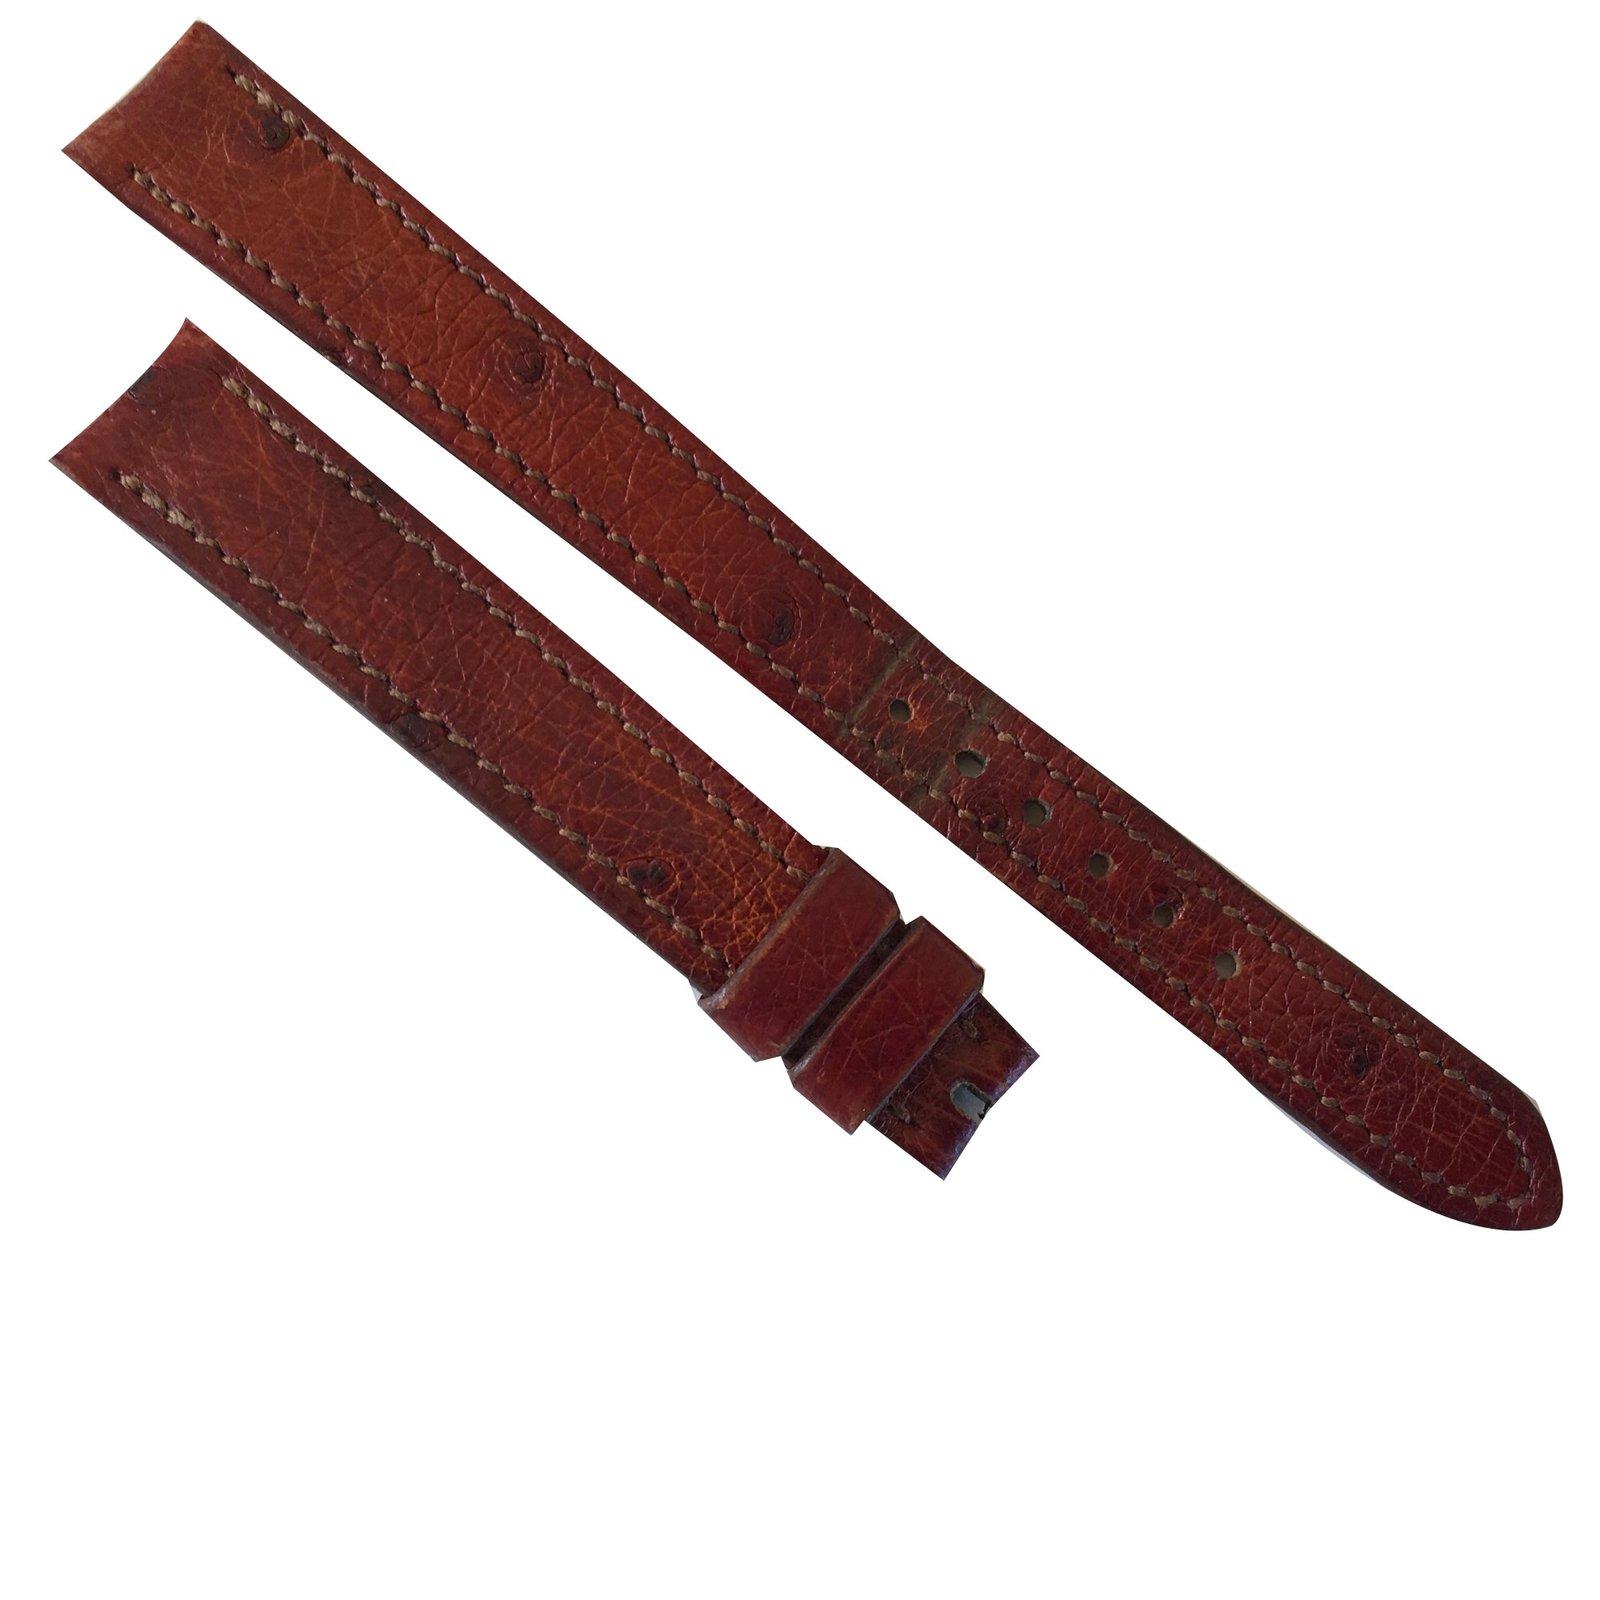 1eaea8f8ddb3 ... store montres hermès bracelet montre cuirs exotiques marron ref.69450  4de83 9c2b8 ...